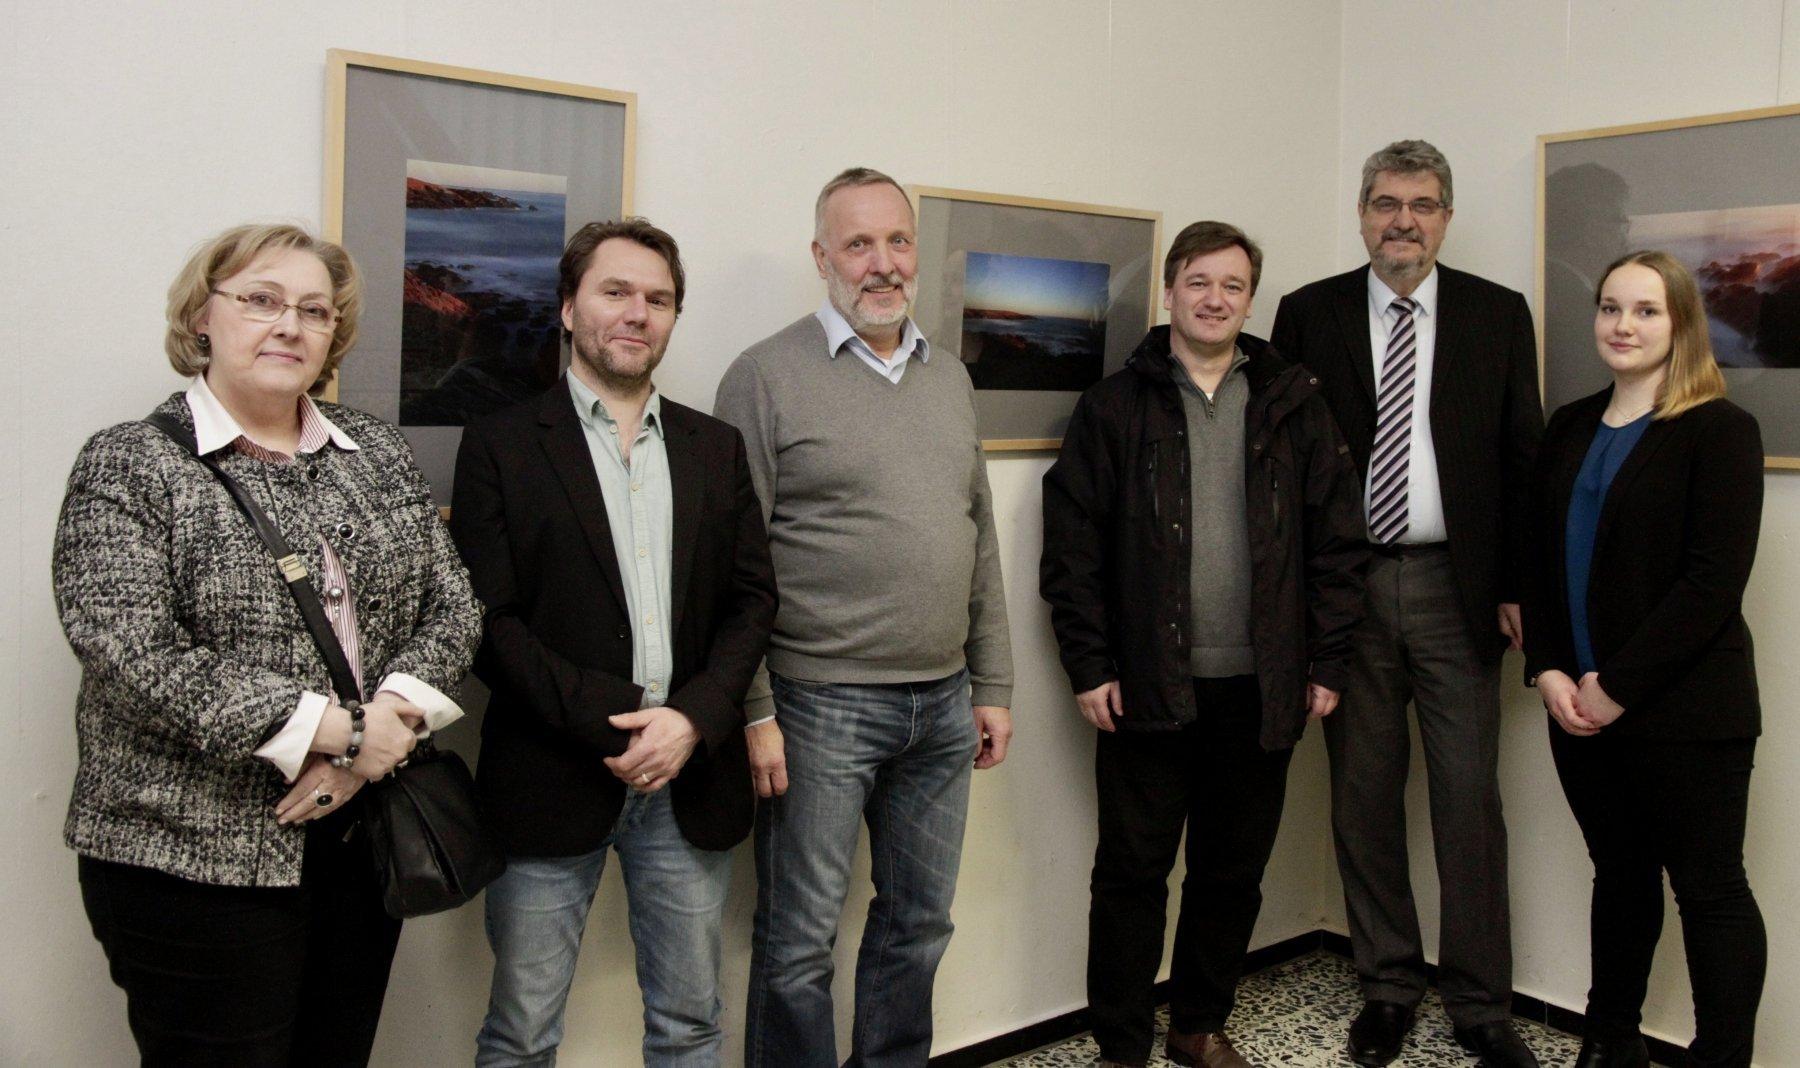 (v. l.) Christel Stegemann, Klaus Preukschat, Dr. Heinz Udo Brenk, Thomas Tölch, Dr. Detlef von Elsenau und Ilka Bielefeldt (Fotos: IN-Stadtmagzine)